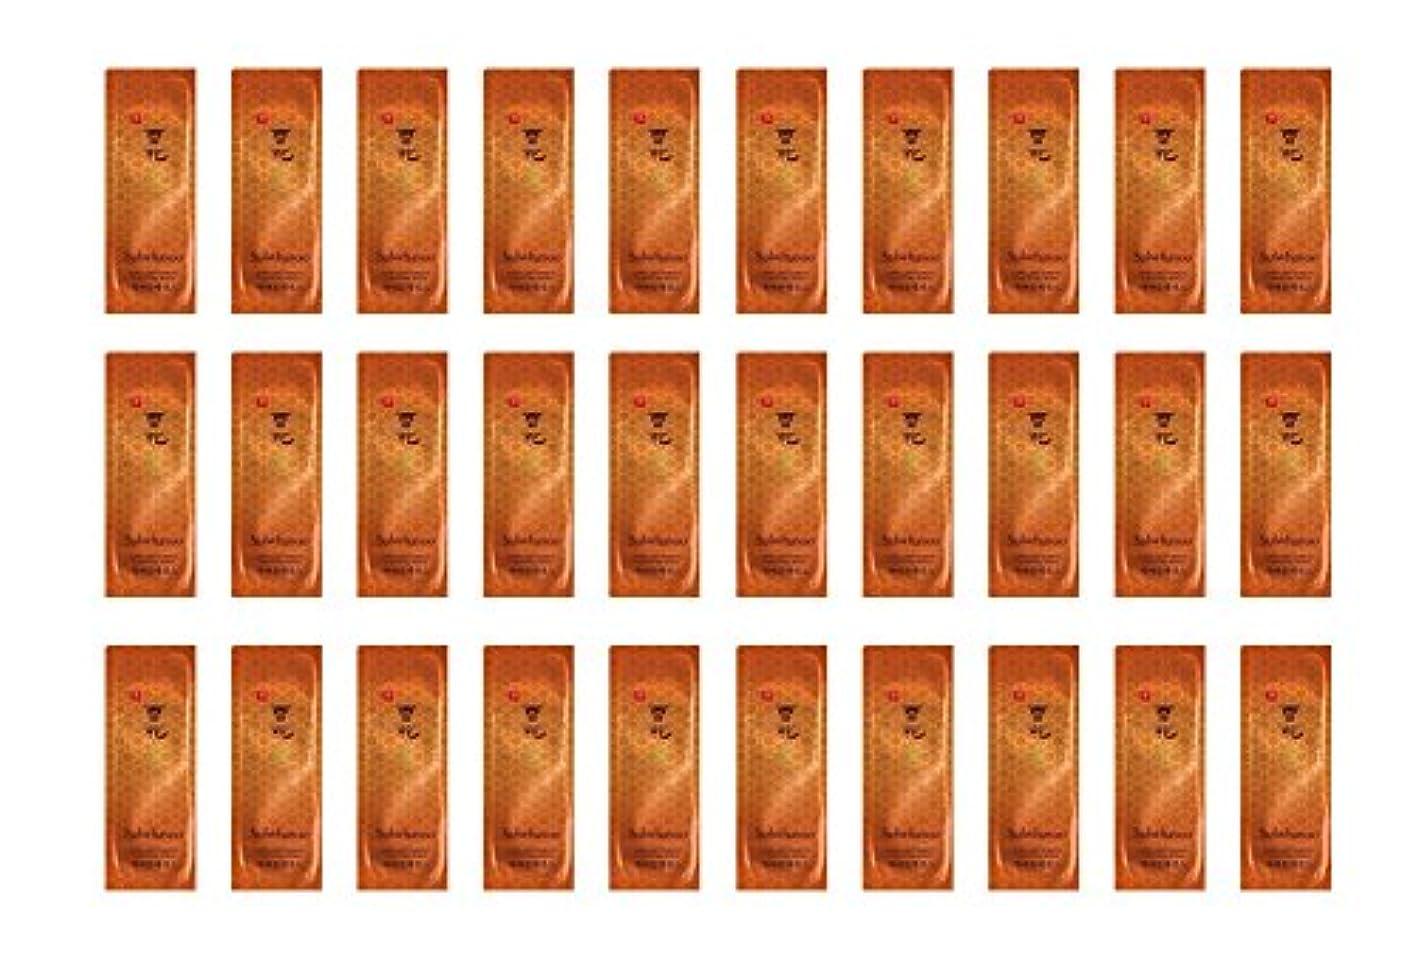 十分なバスケットボールシニス【ソルファス 雪花秀 Sulwhasoo】 Capsulized Ginseng Fortifying Serum 1ml x 30個 韓国化粧品 ブランドのサンプル [並行輸入品]